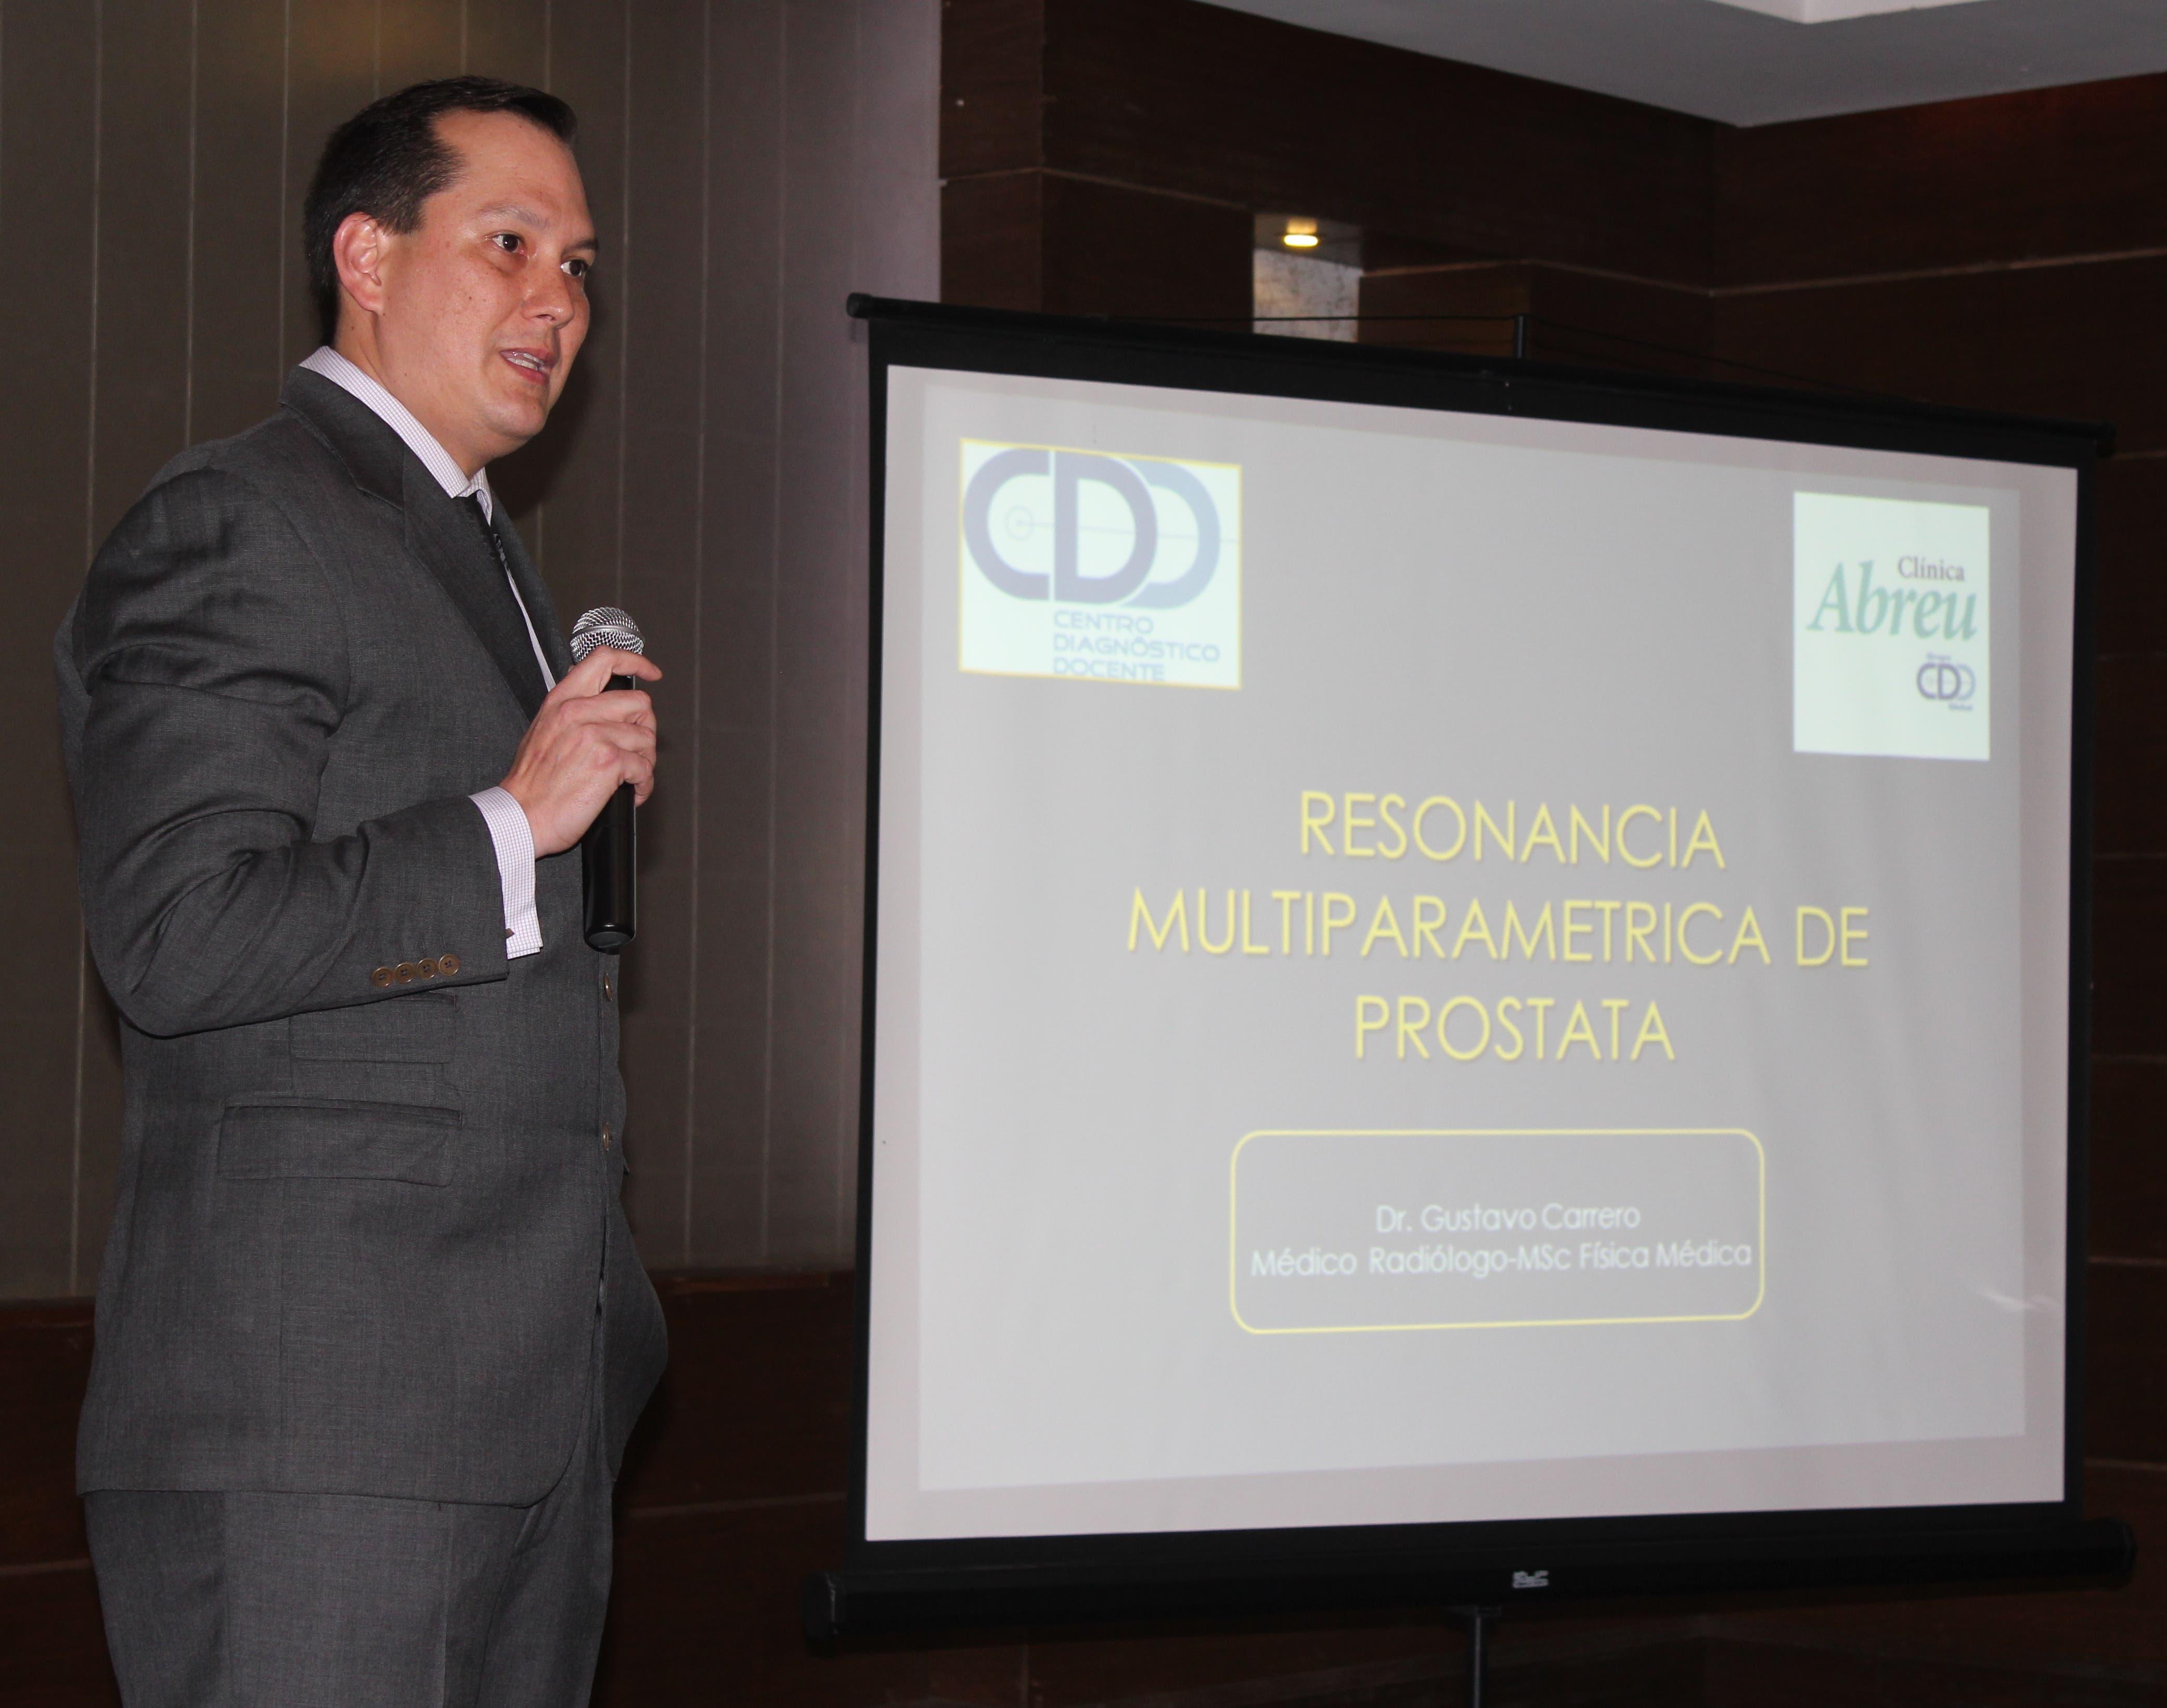 Gustavo Carrero es radiólogo en el CDD Las Mercedes en Venezuela con especialidad del Hospital Universitario de Caracas, con formación y entrenamiento en Londres y Montreal.